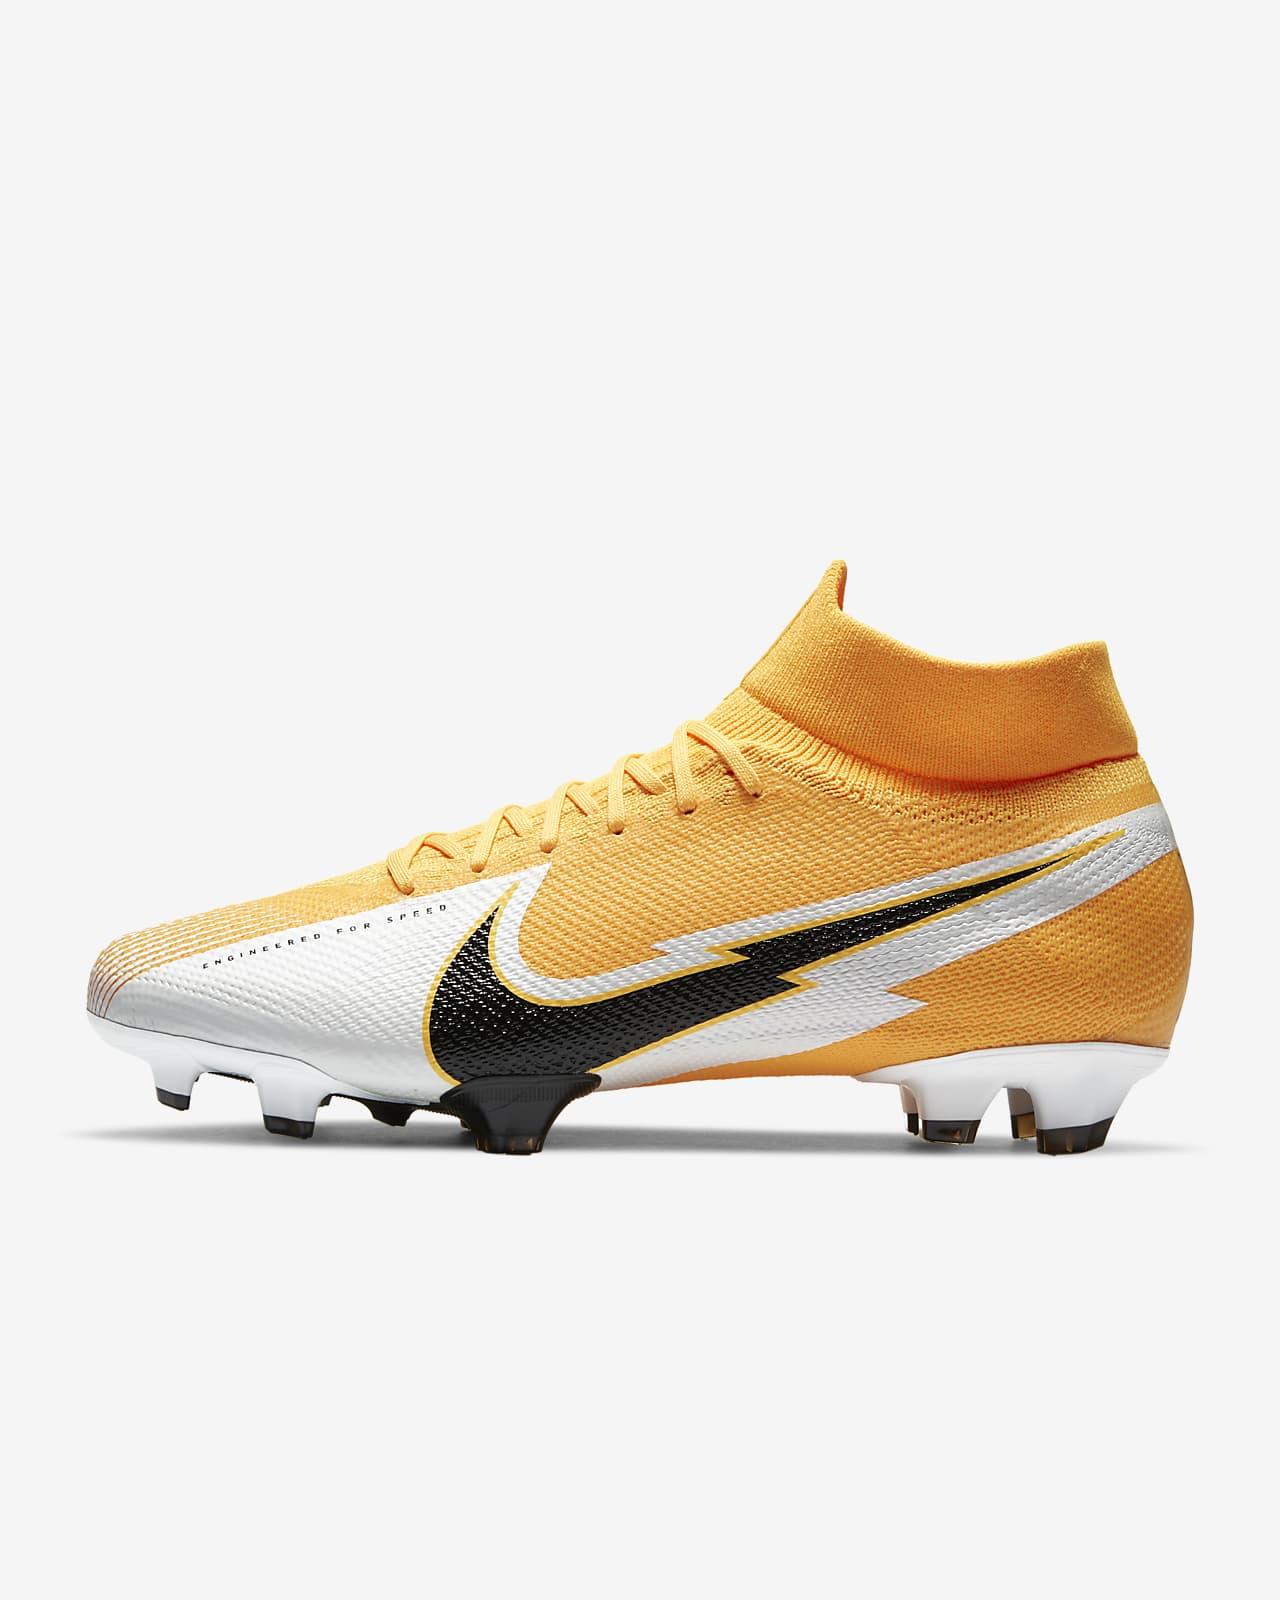 Chaussure de football à crampons pour terrain sec Nike Mercurial Superfly 7 Pro FG